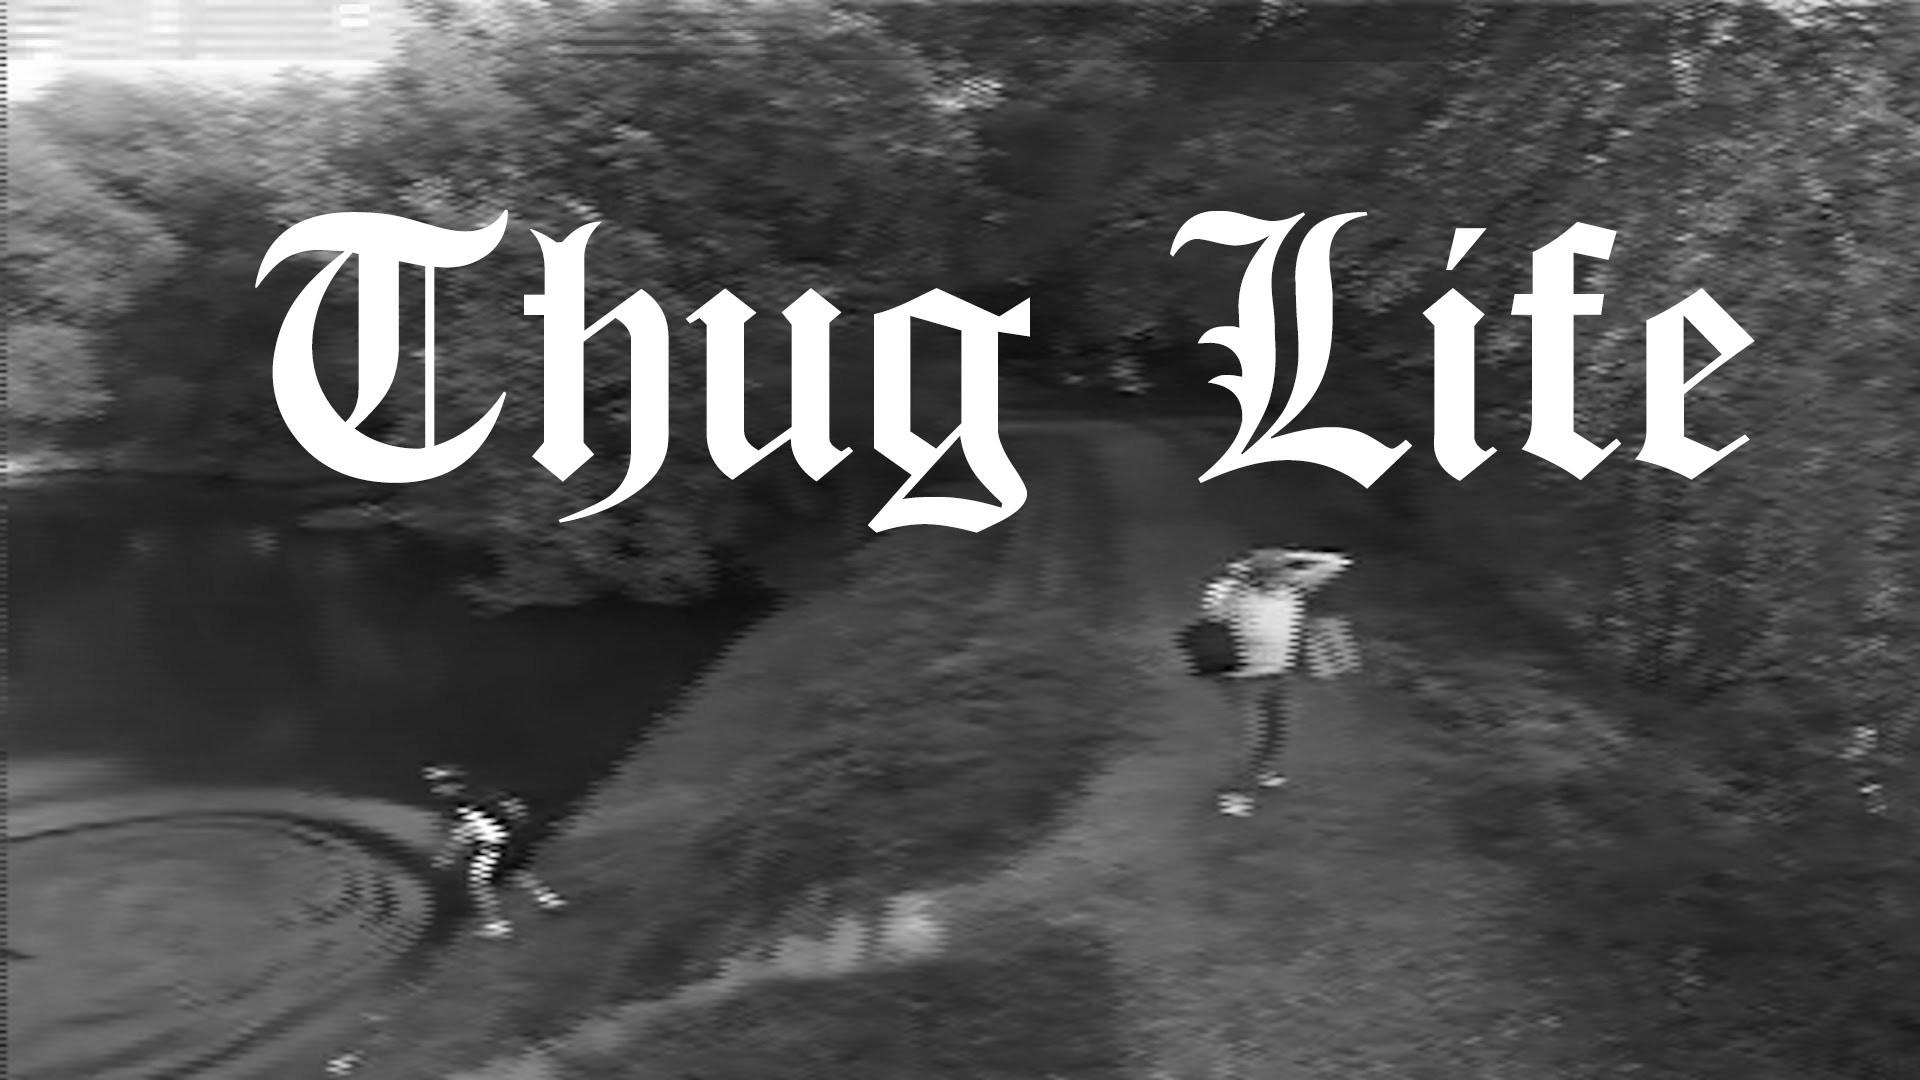 Thug Life ( The cyclist and the fisherman )